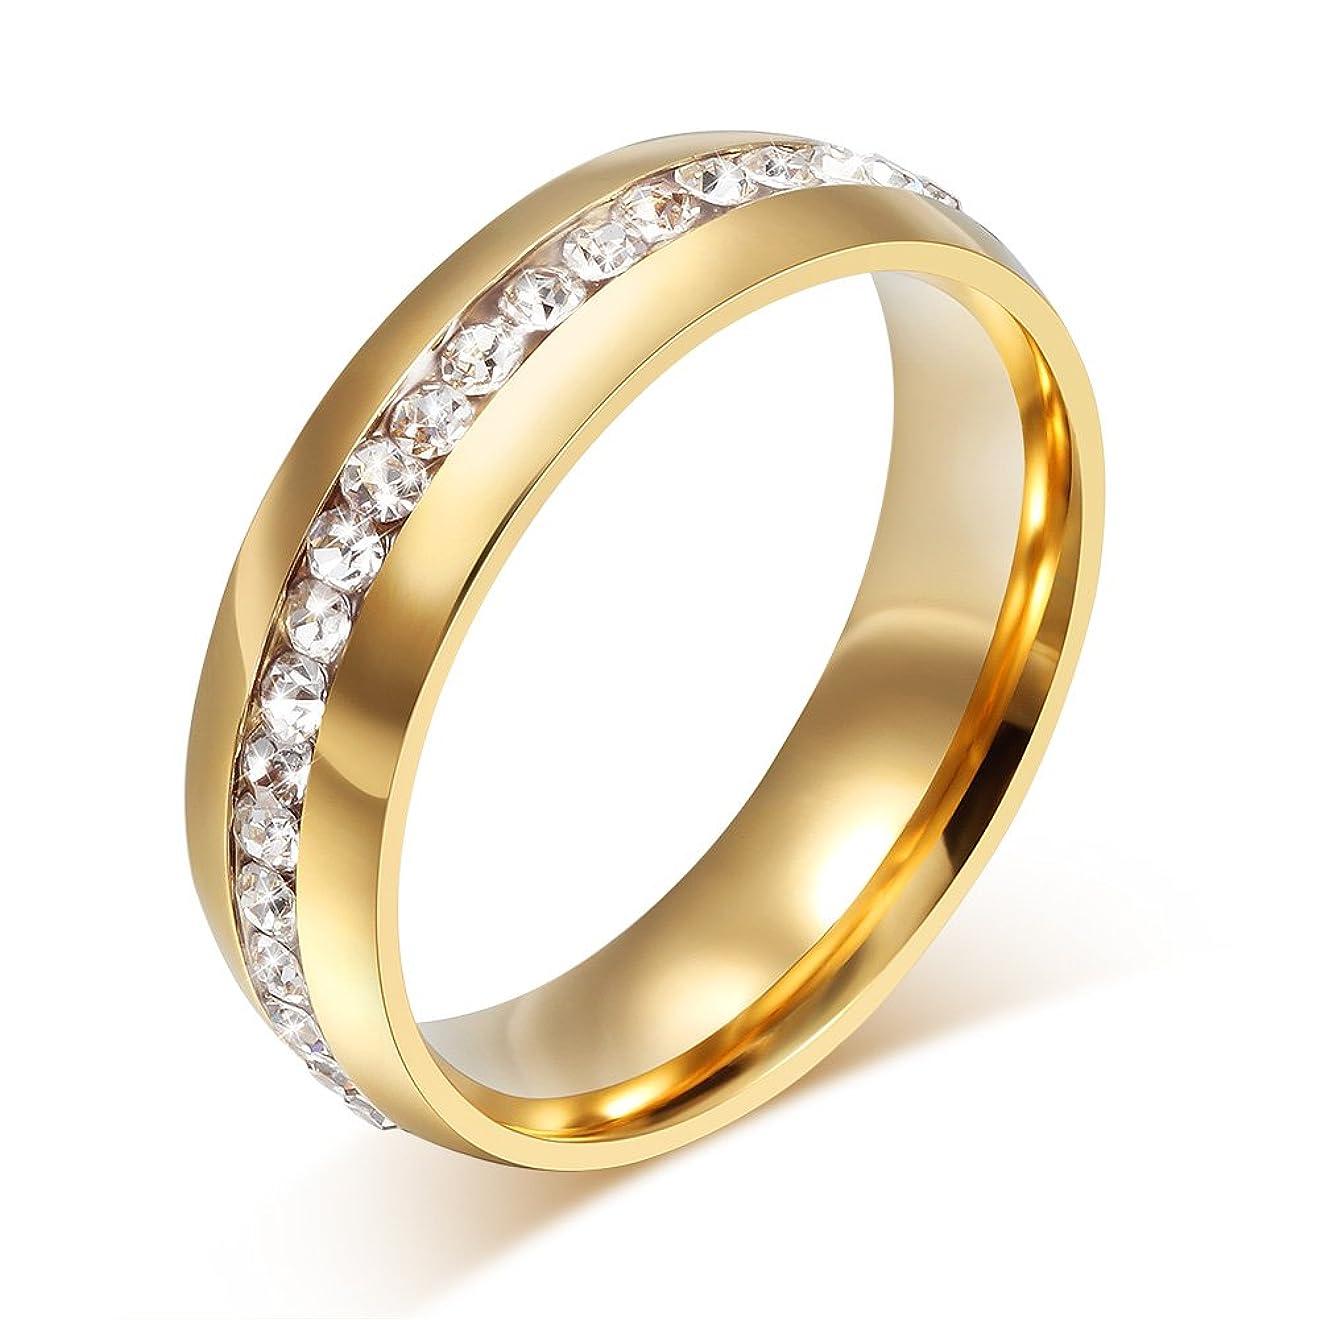 リビジョン彼らはプレートVnox リング 指輪 レディース ステンレス リング 幅広 ラインストーン シンプル カップル恋人 ピンキーリング プレゼント 婚約指輪 アレルギー対応 ゴールド9号